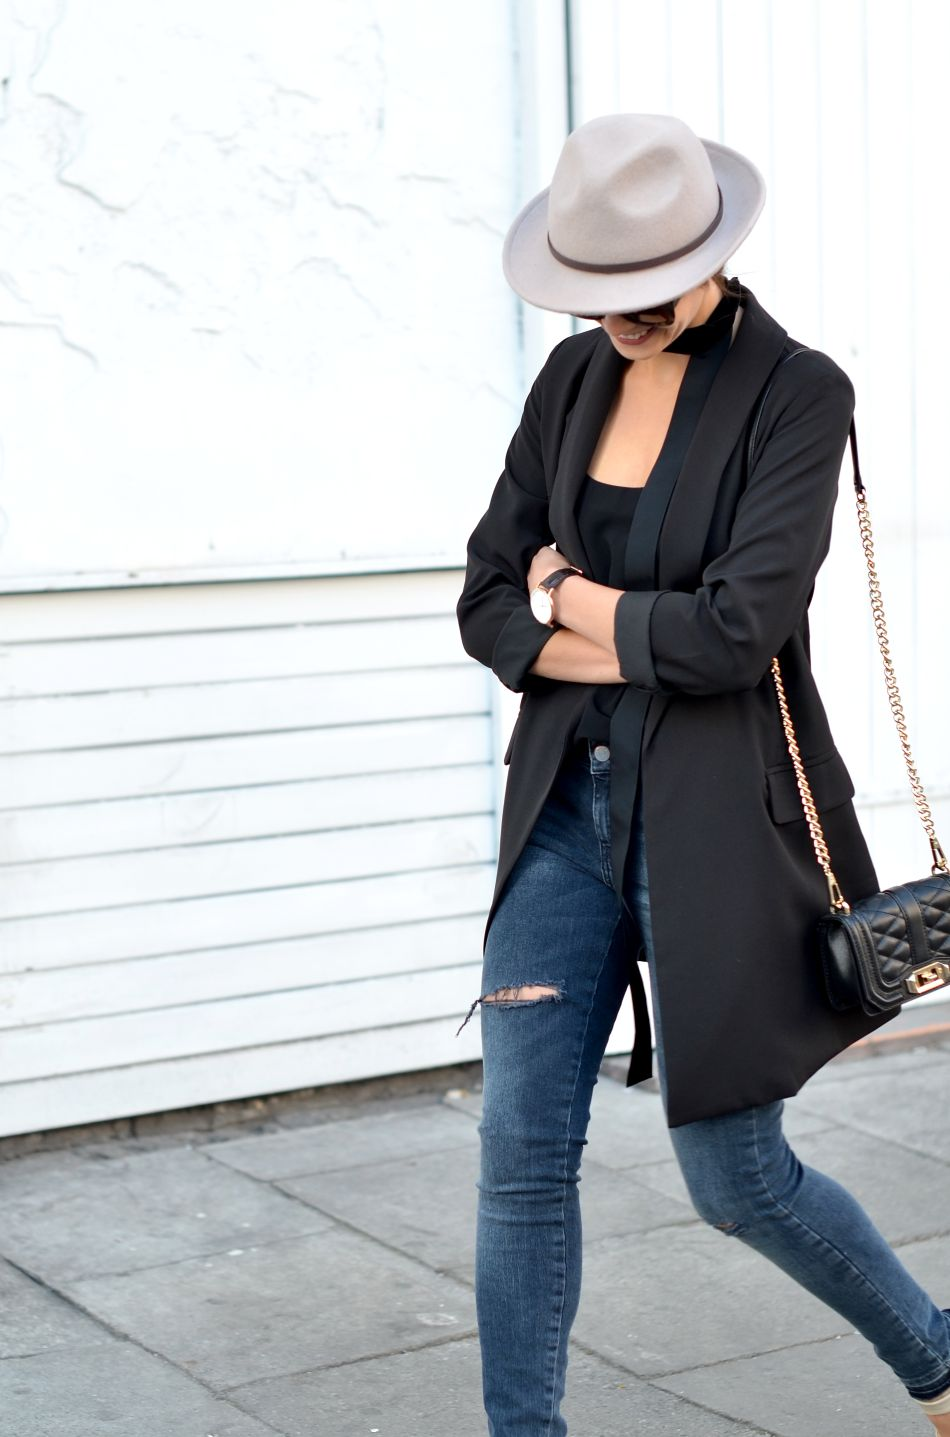 kapelusz | bezowy | czarna marynarka | blog modowy | usmiech | blogi o modzie | blogerki modowe | blogi o modzie